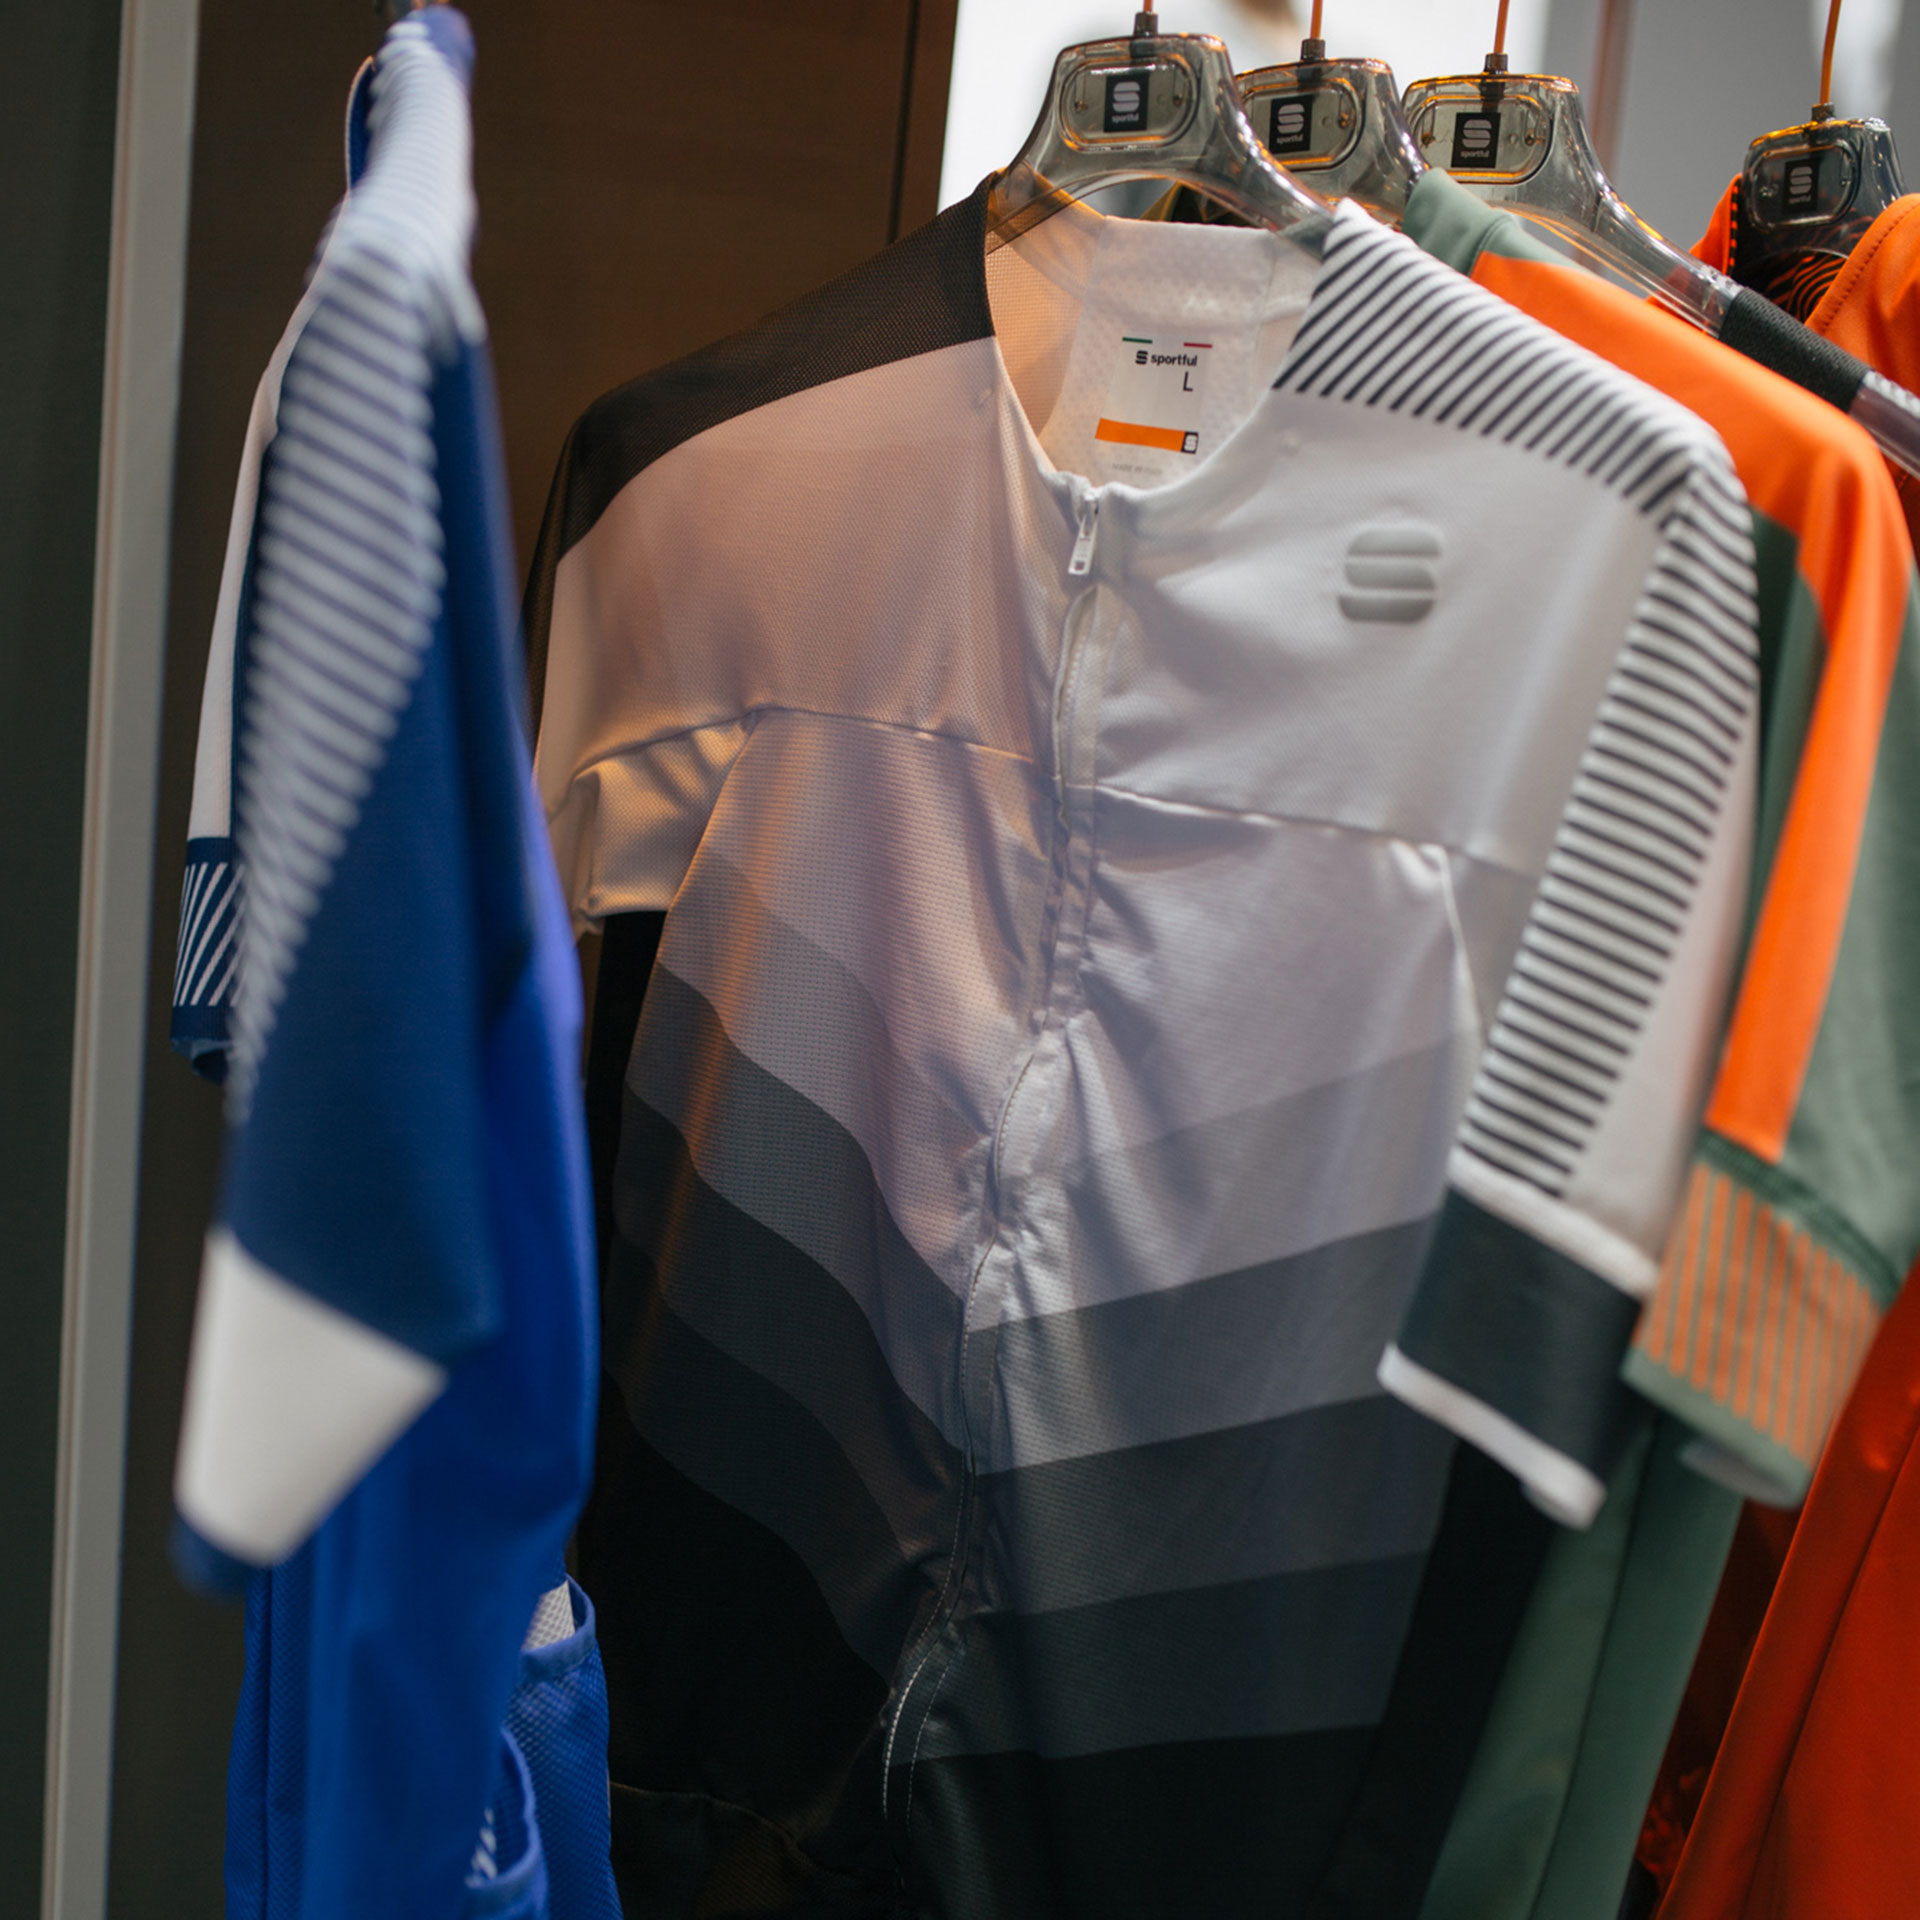 Sportful Bodyfit Pro 2.0 Jerseys